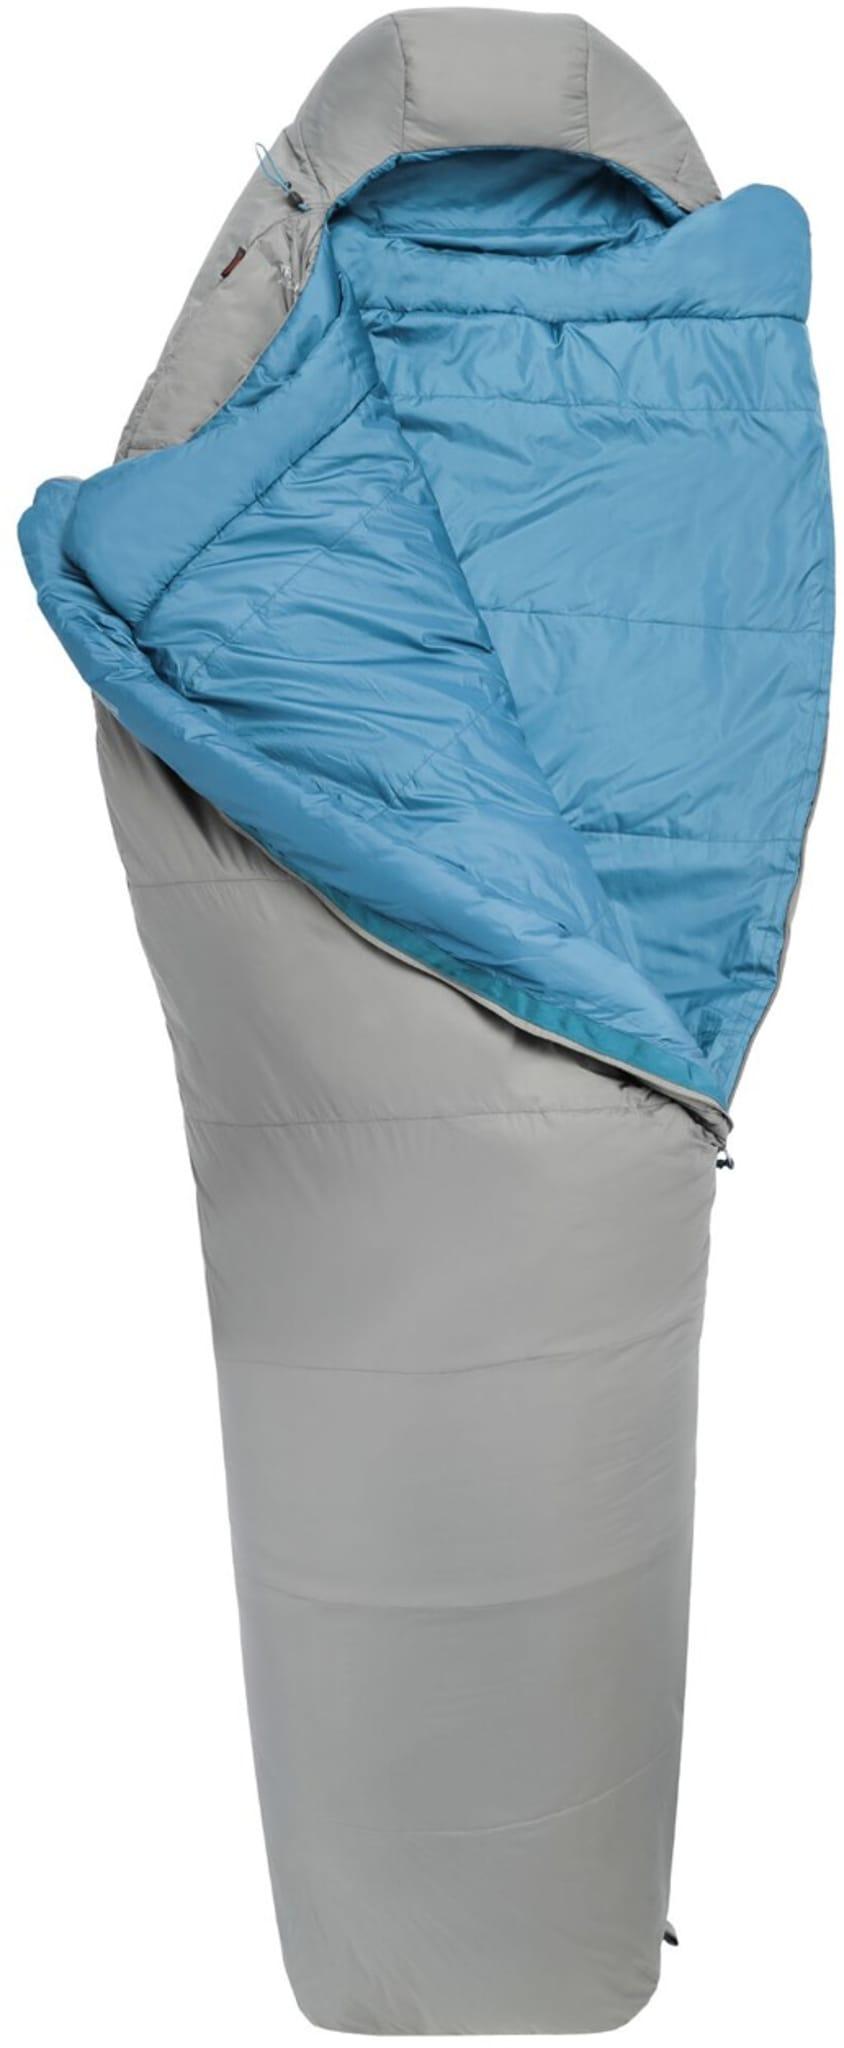 Lett og komfortabel synetpose til vinterbruk